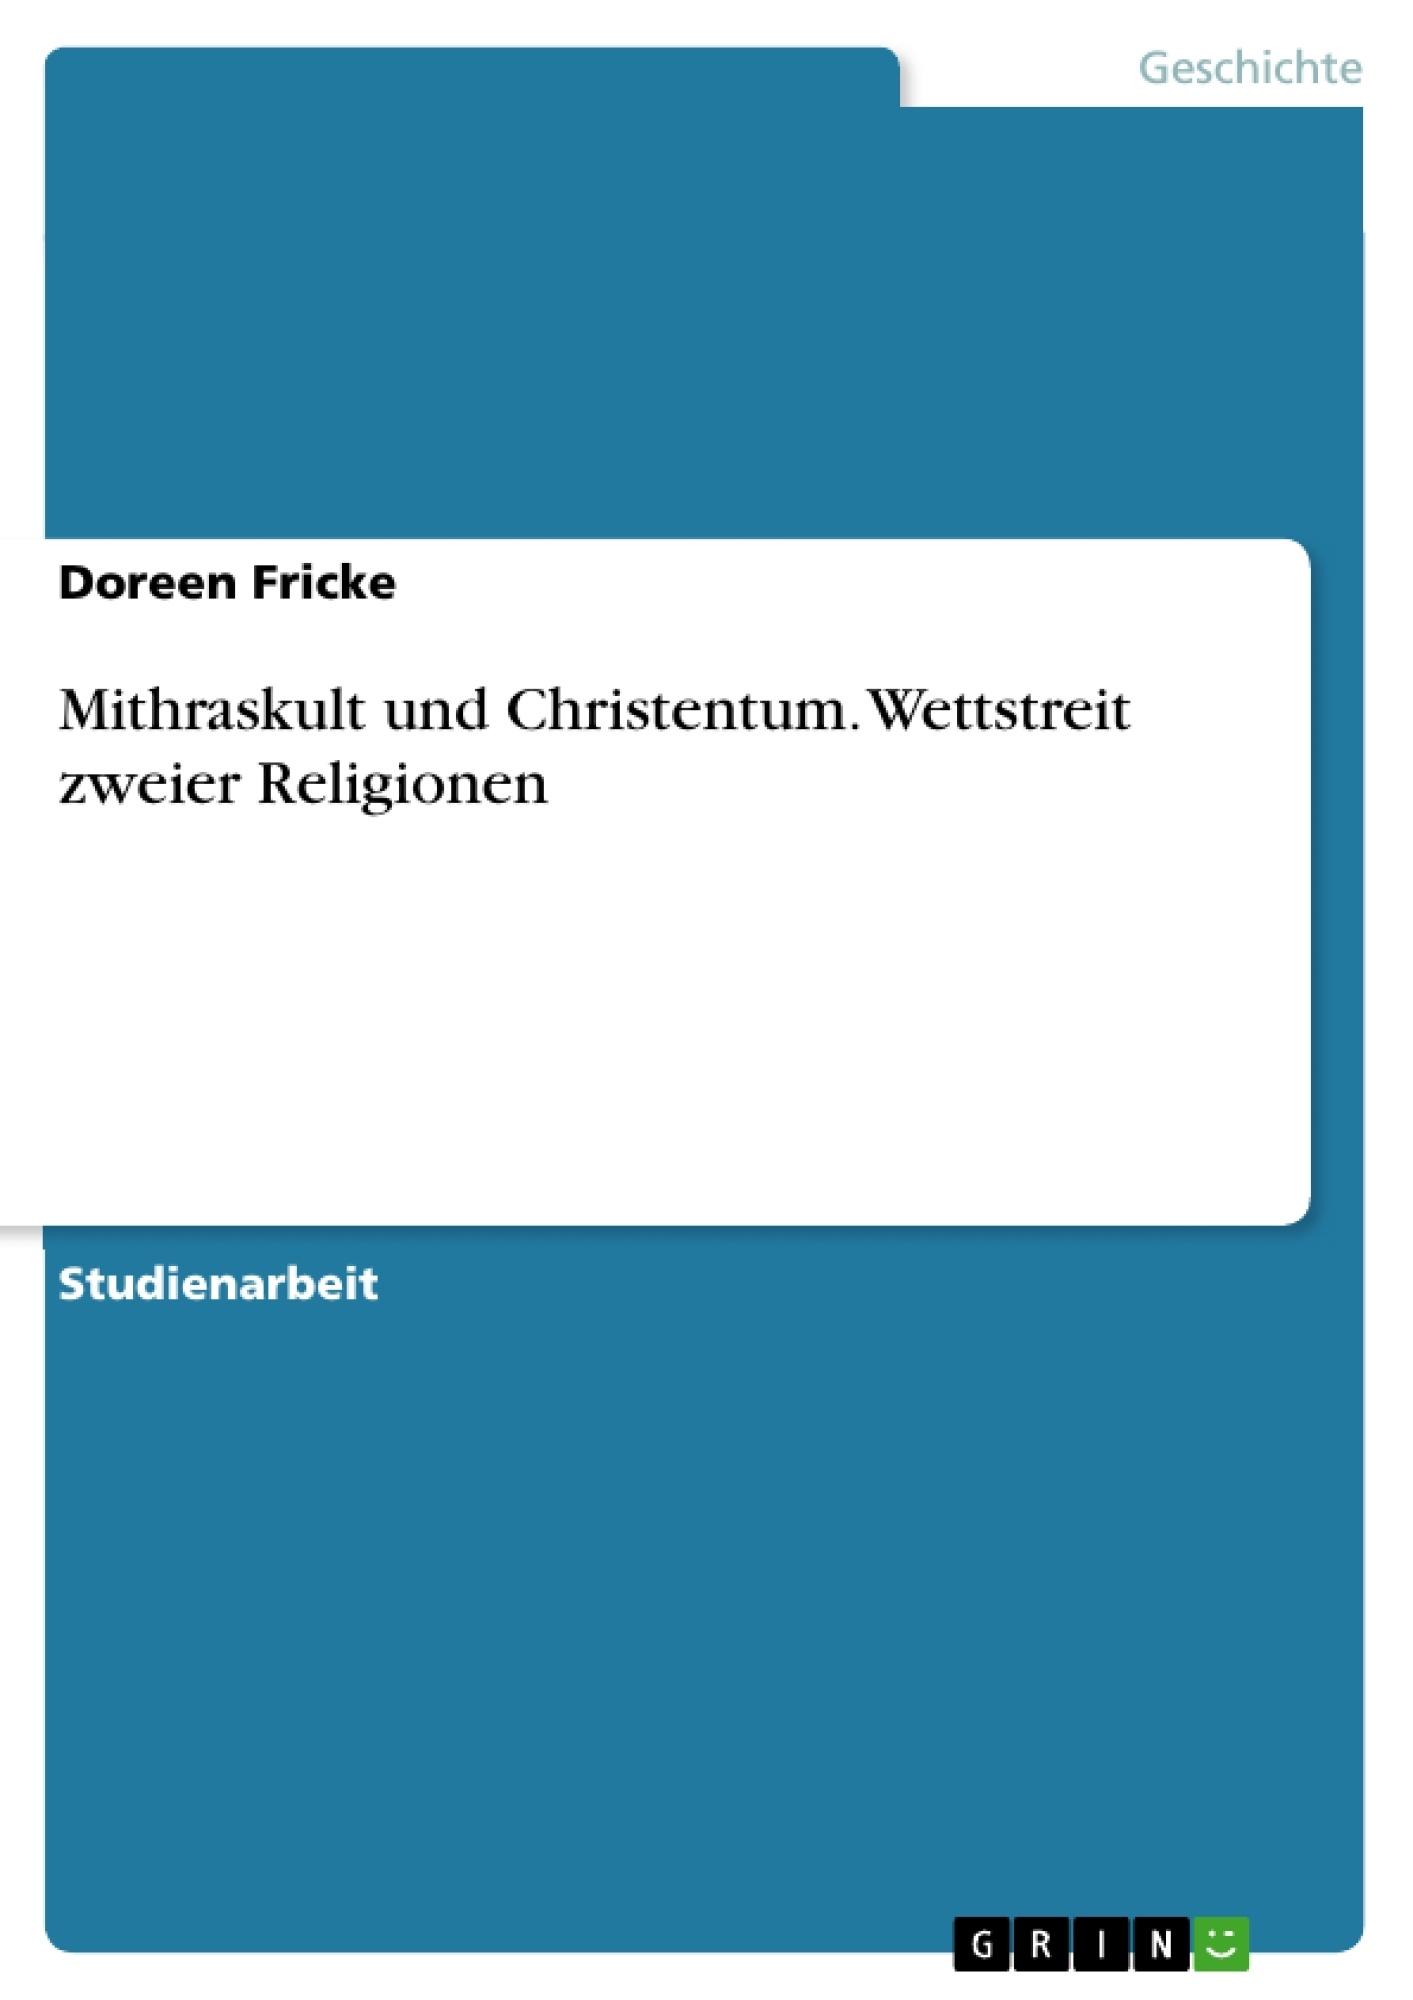 Titel: Mithraskult und Christentum. Wettstreit zweier Religionen